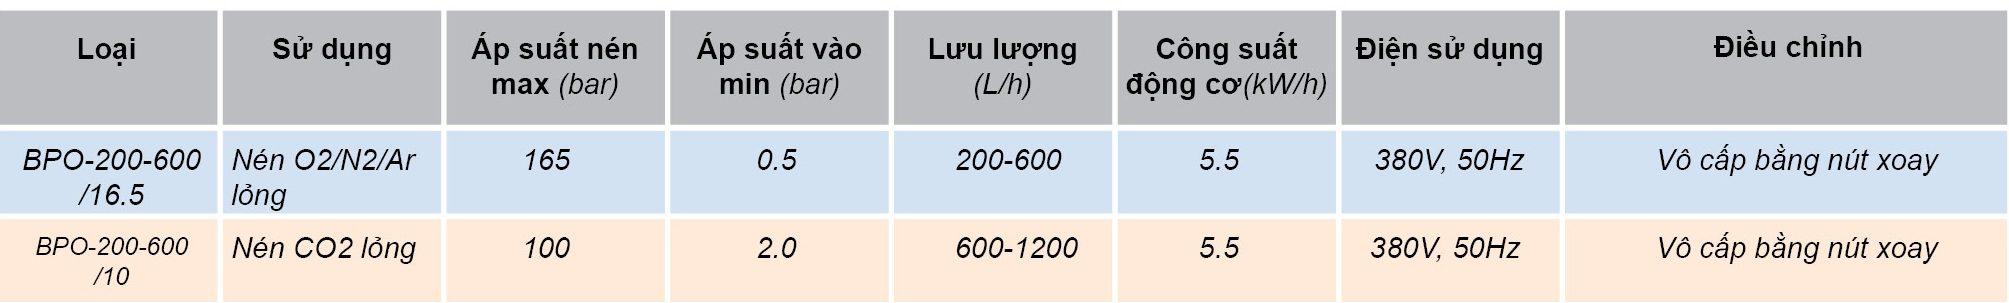 Danh sách các loại máy bơm khí lỏng và công suất